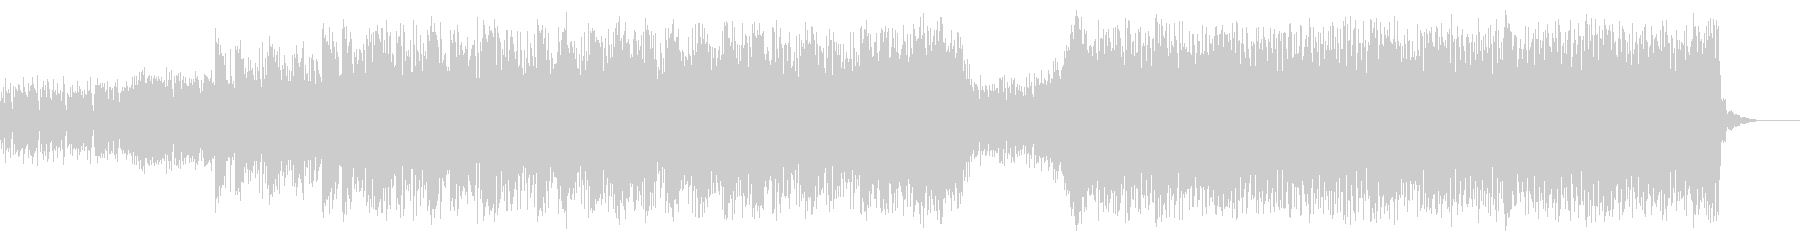 緊張感オカルト感のある力強い曲(ホラー)の未再生の波形